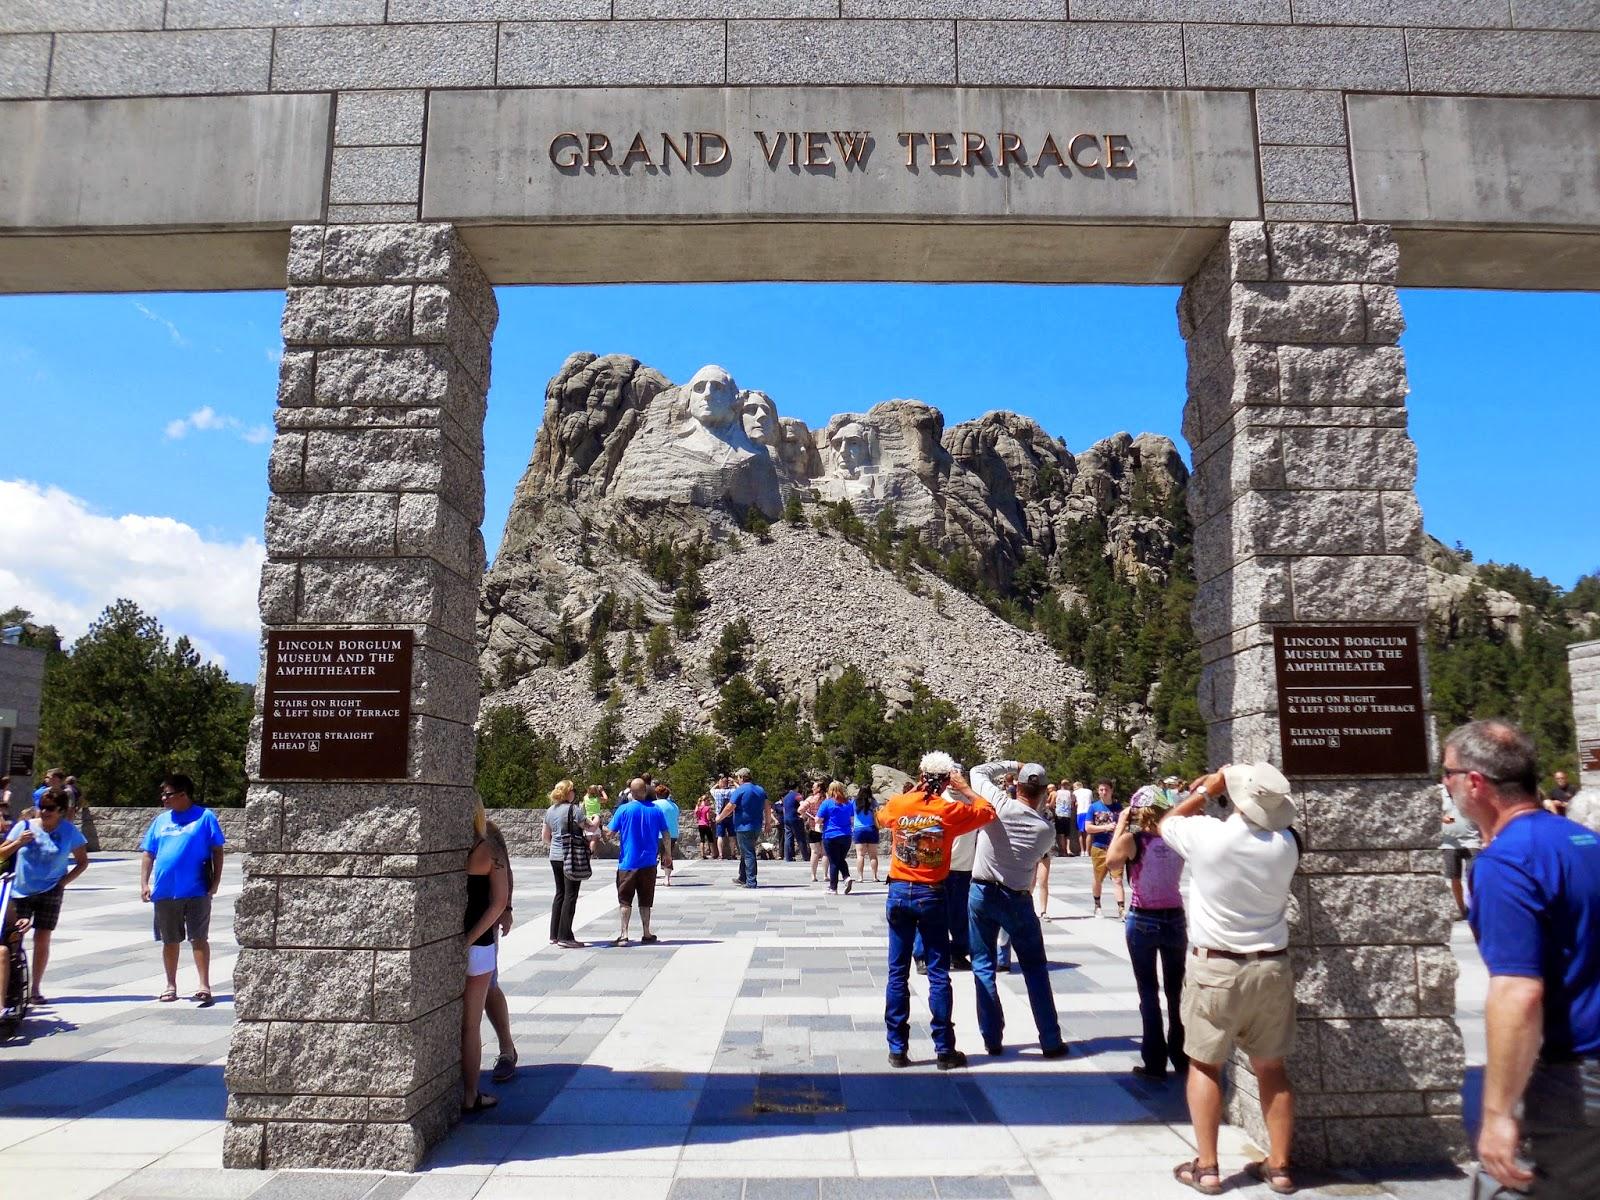 7/28/14 - Mount Rushmore NM & 2dodges2go: 7/28/14 - Mount Rushmore NM azcodes.com